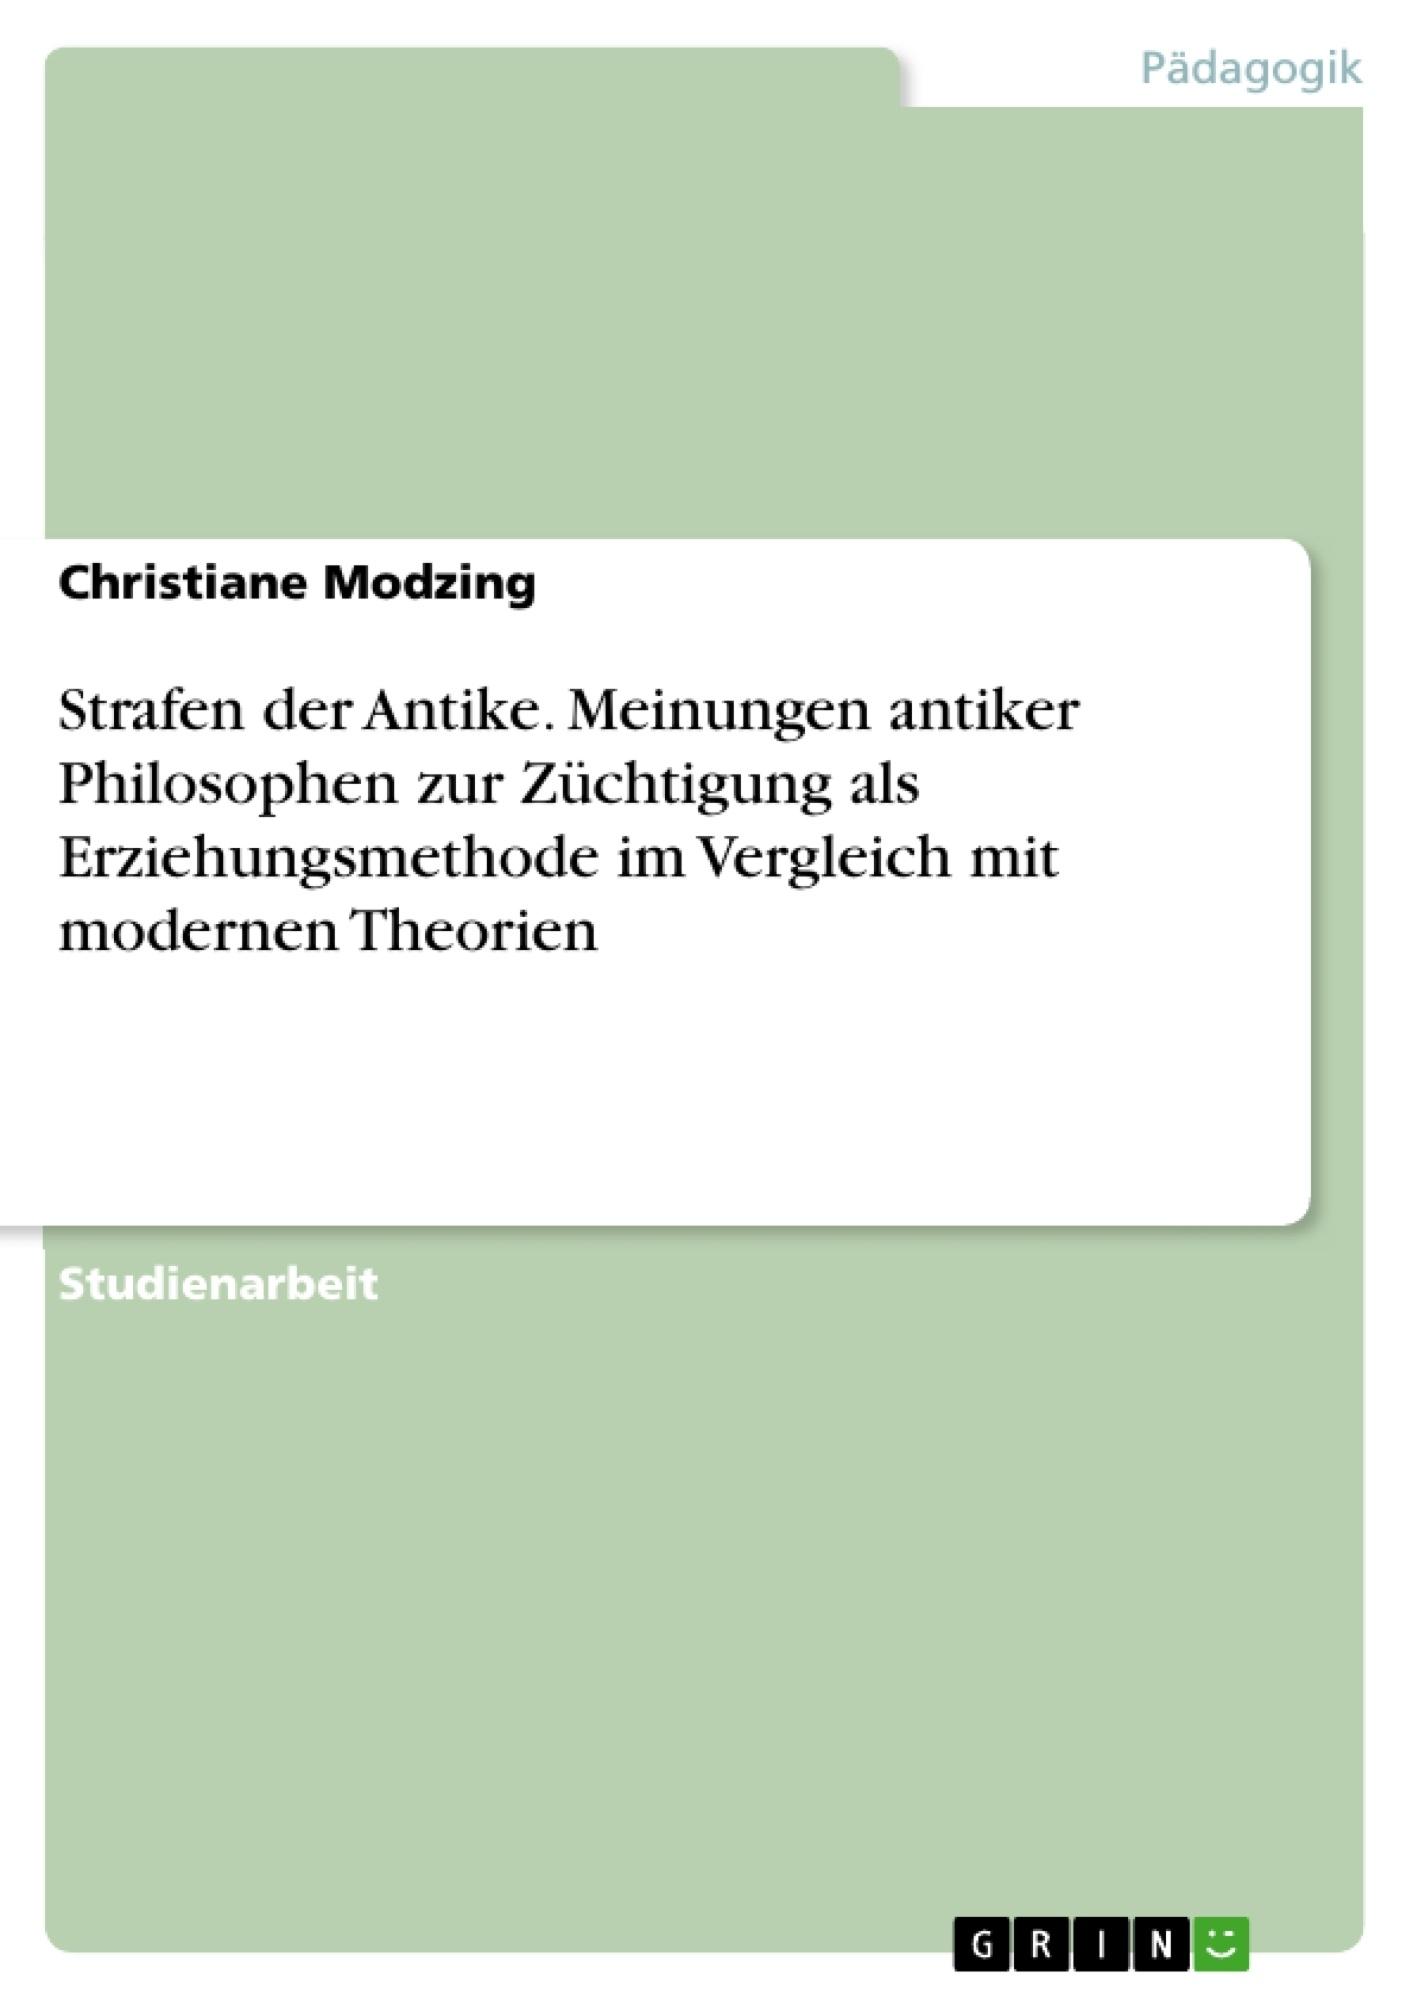 Titel: Strafen der Antike. Meinungen antiker Philosophen zur Züchtigung als Erziehungsmethode im Vergleich mit modernen  Theorien